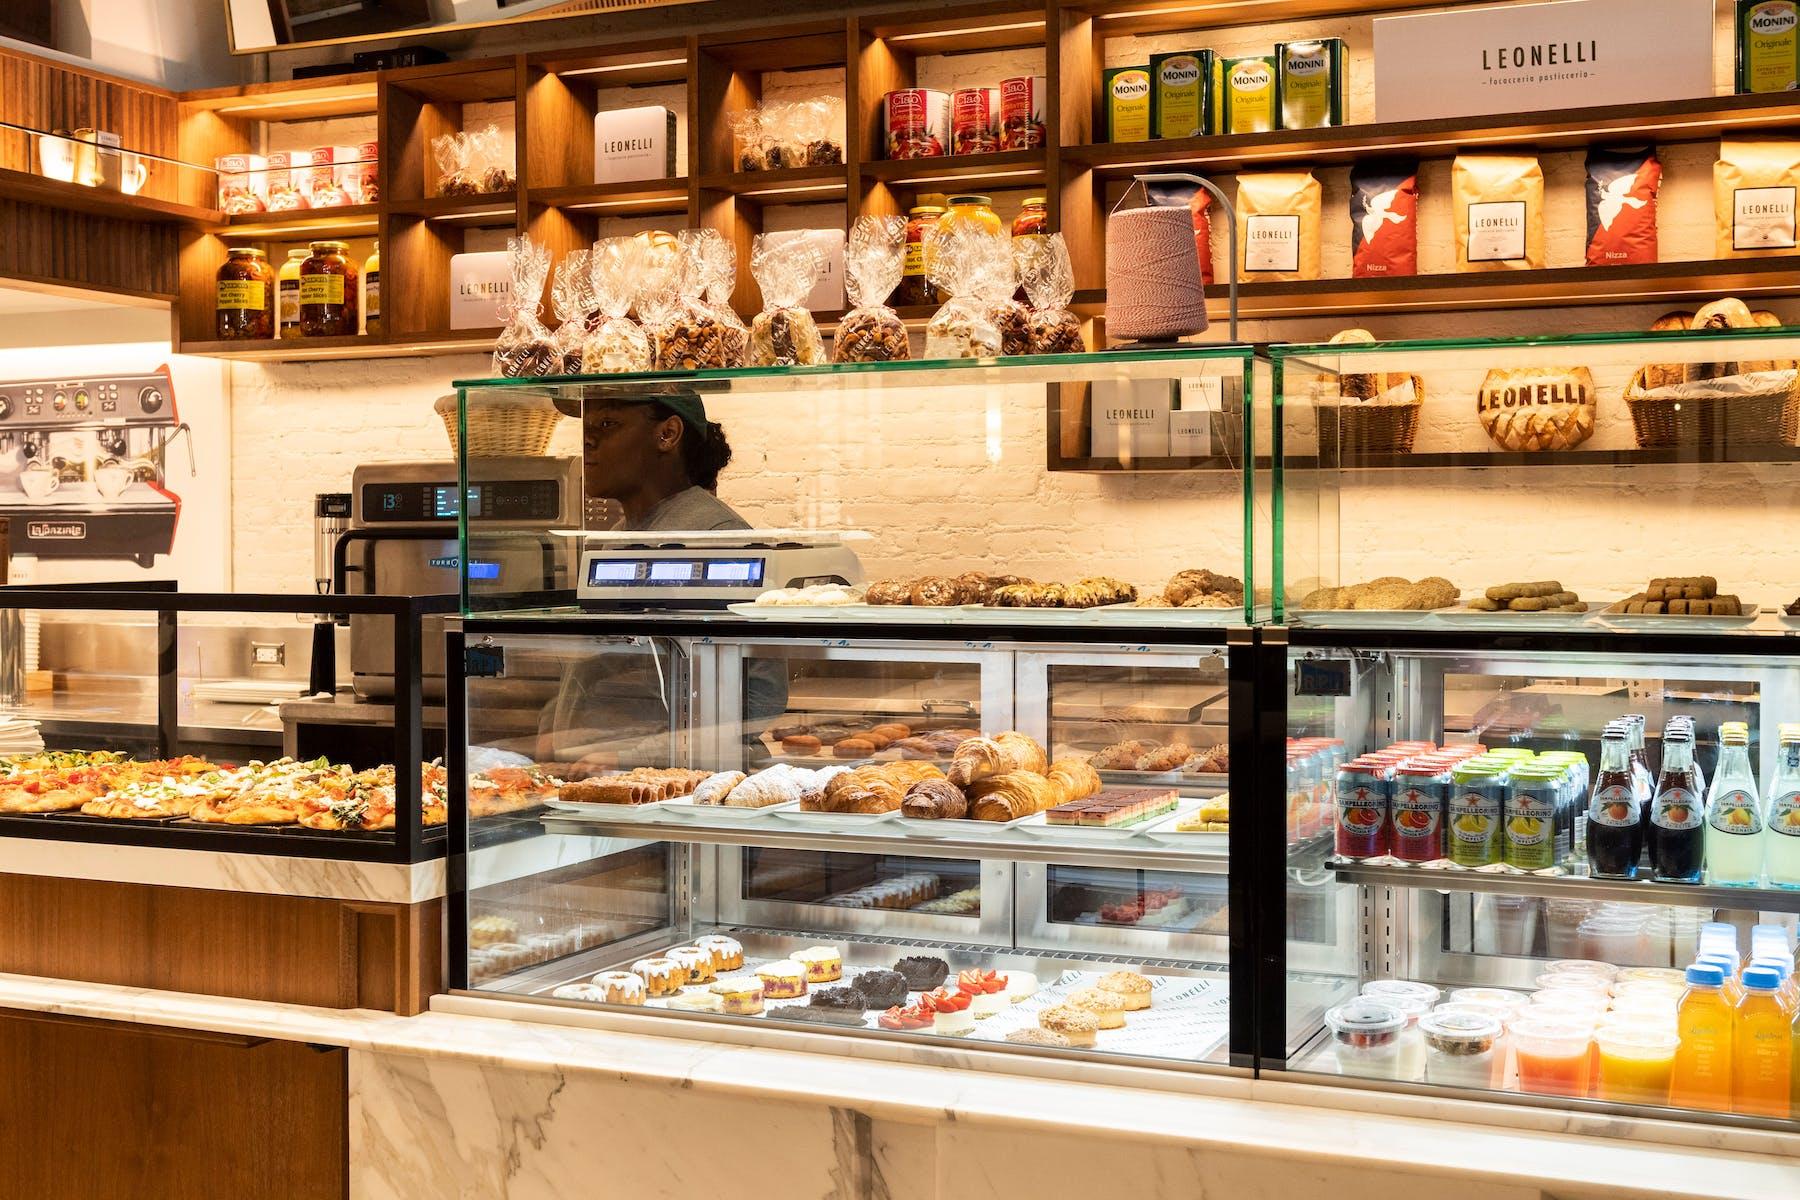 Leonelli Focacceria e Pasticceria Interior Baked Goods NYC